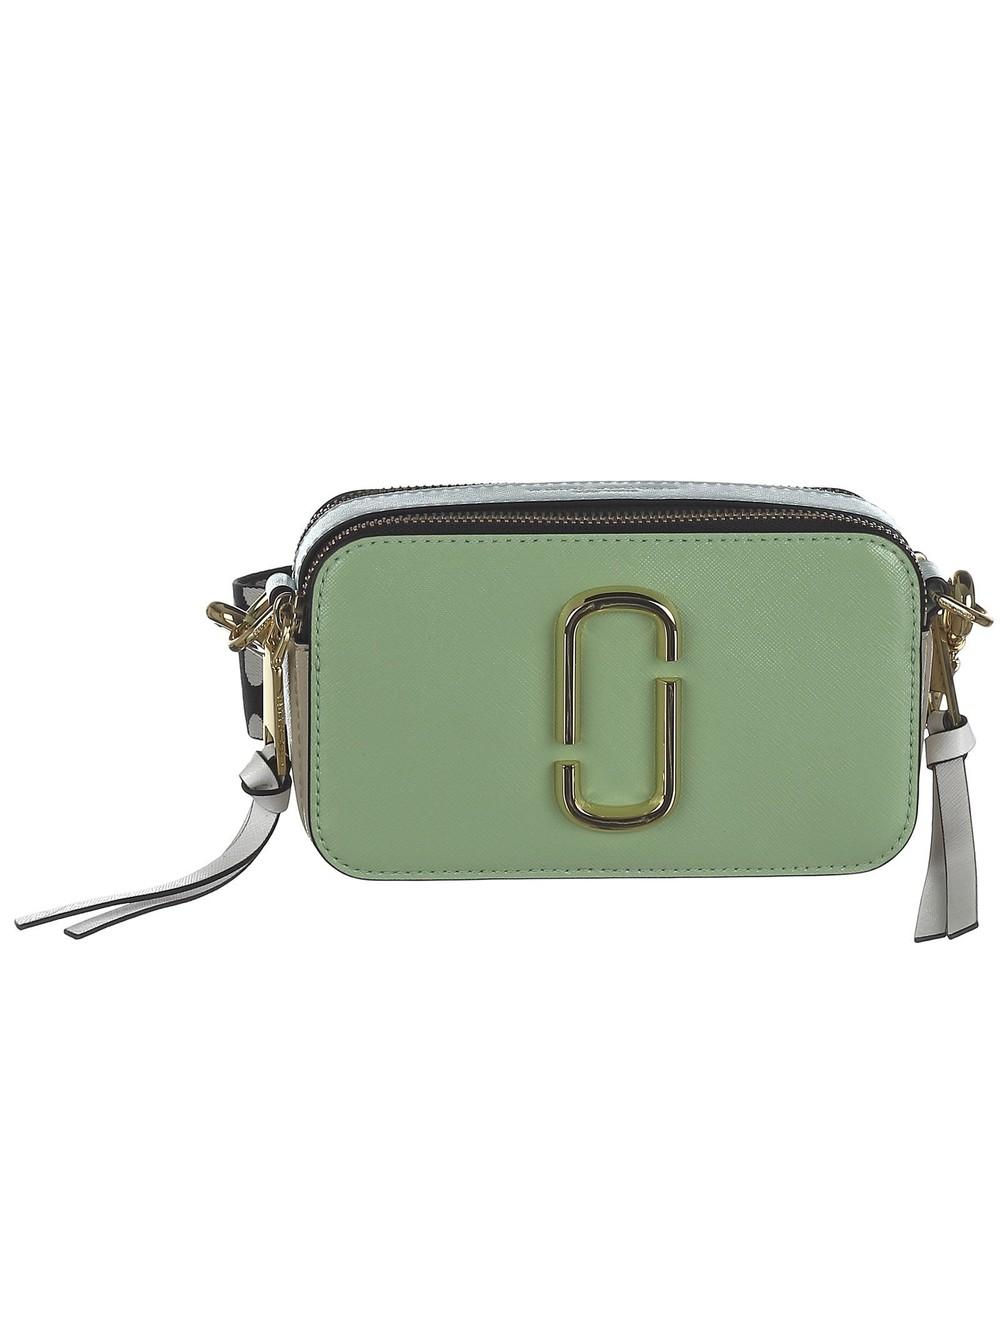 Marc Jacobs Snapshot Shoulder Bag in mint / multi